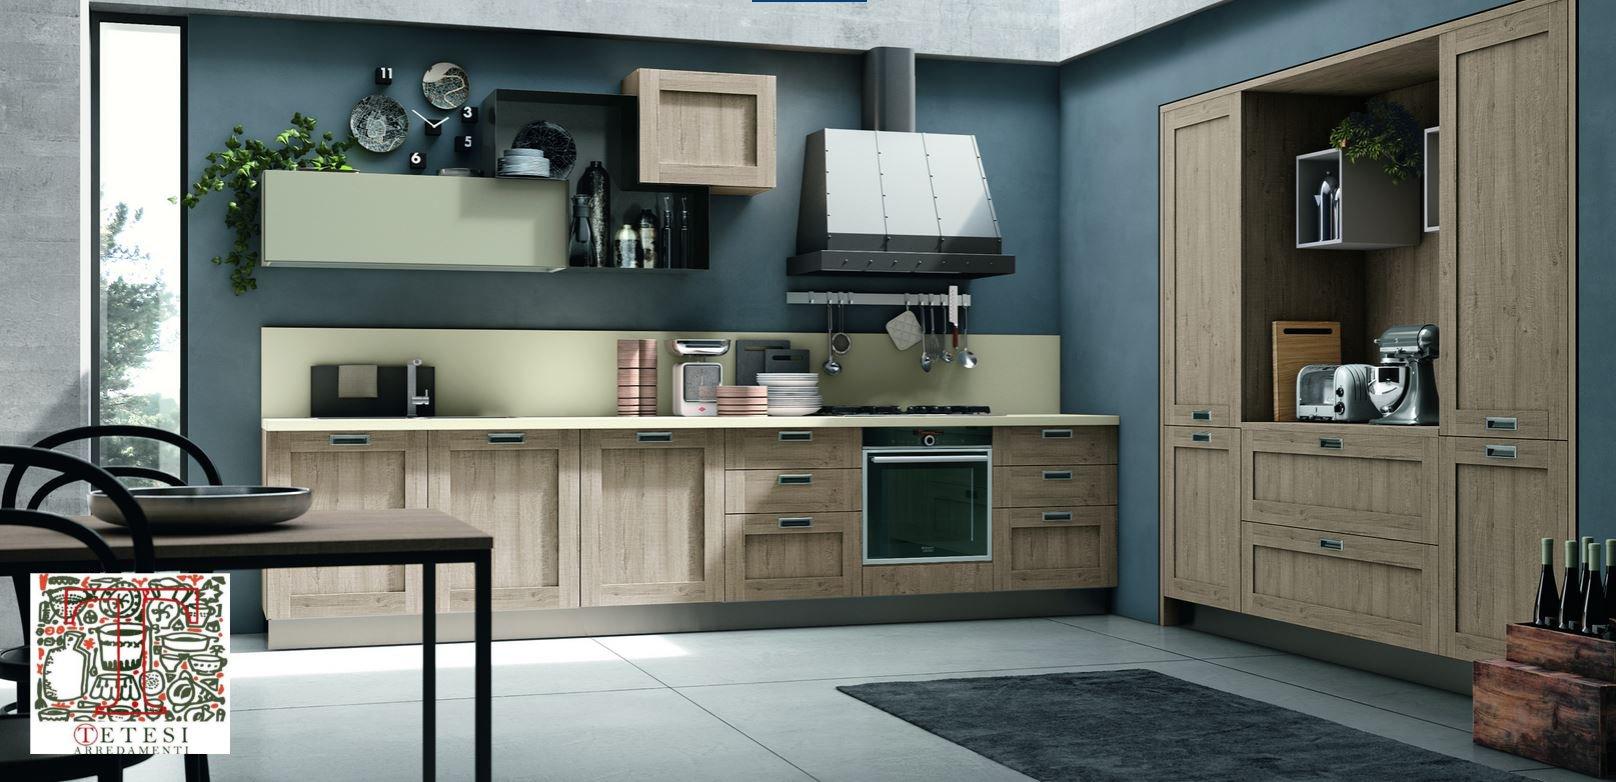 cucine in stile moderno su misura   tetesi arredamenti - Cucine Moderne Bari